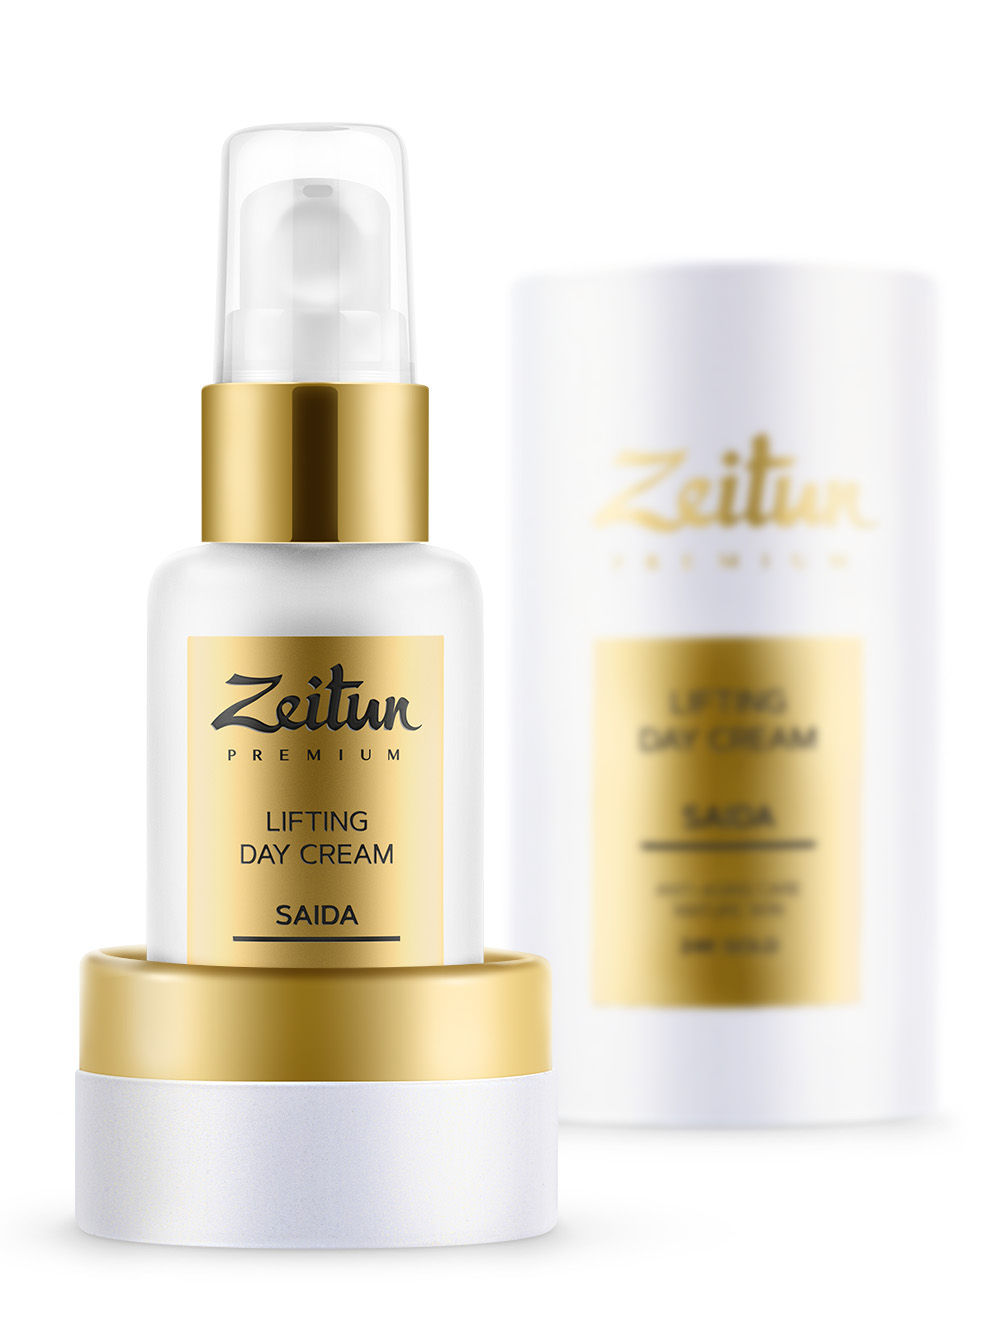 ZEITUN Крем-лифтинг разглаживающий дневной с 24K золотом для зрелой кожи / SAIDA 50 мл